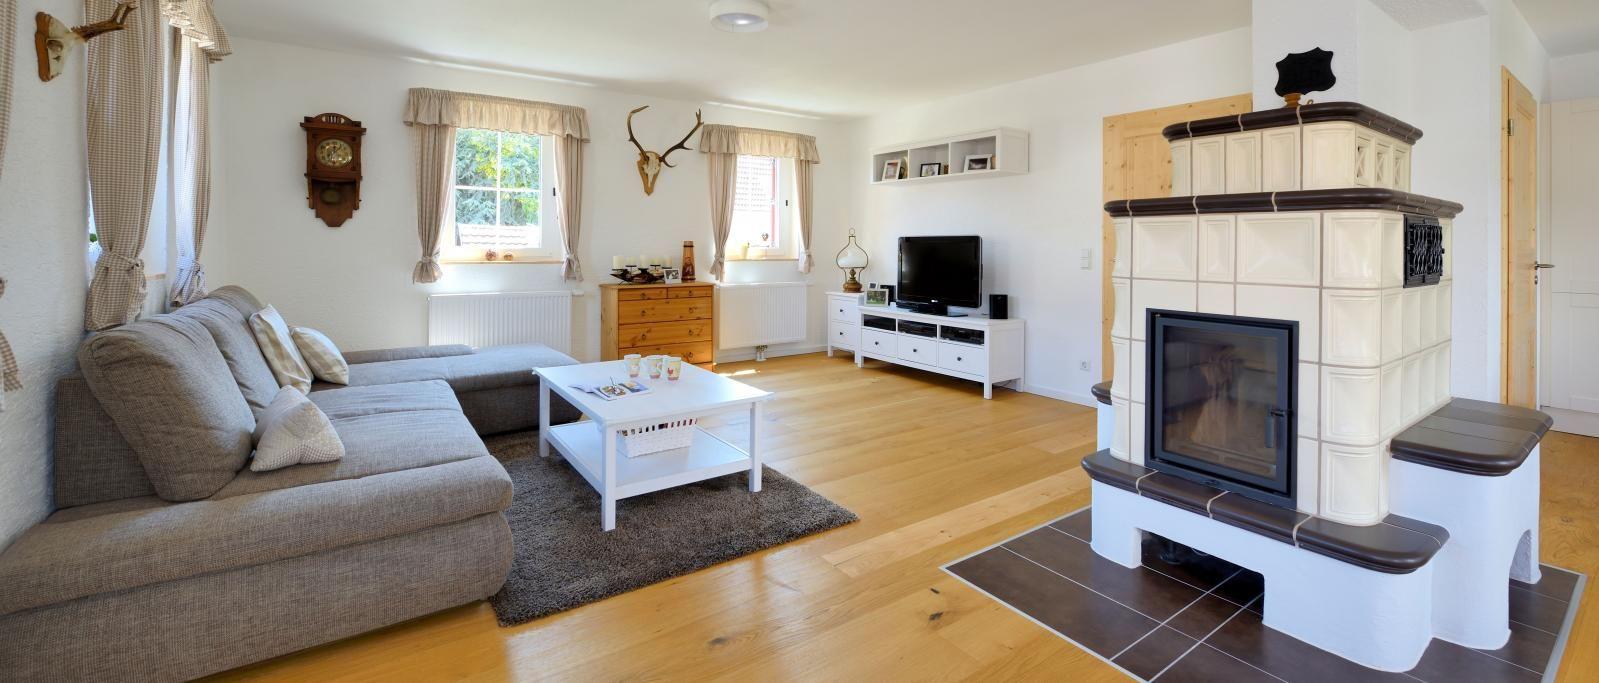 Haus Alber Wohnbereich Modern Und Urig Traditionell Zugleich